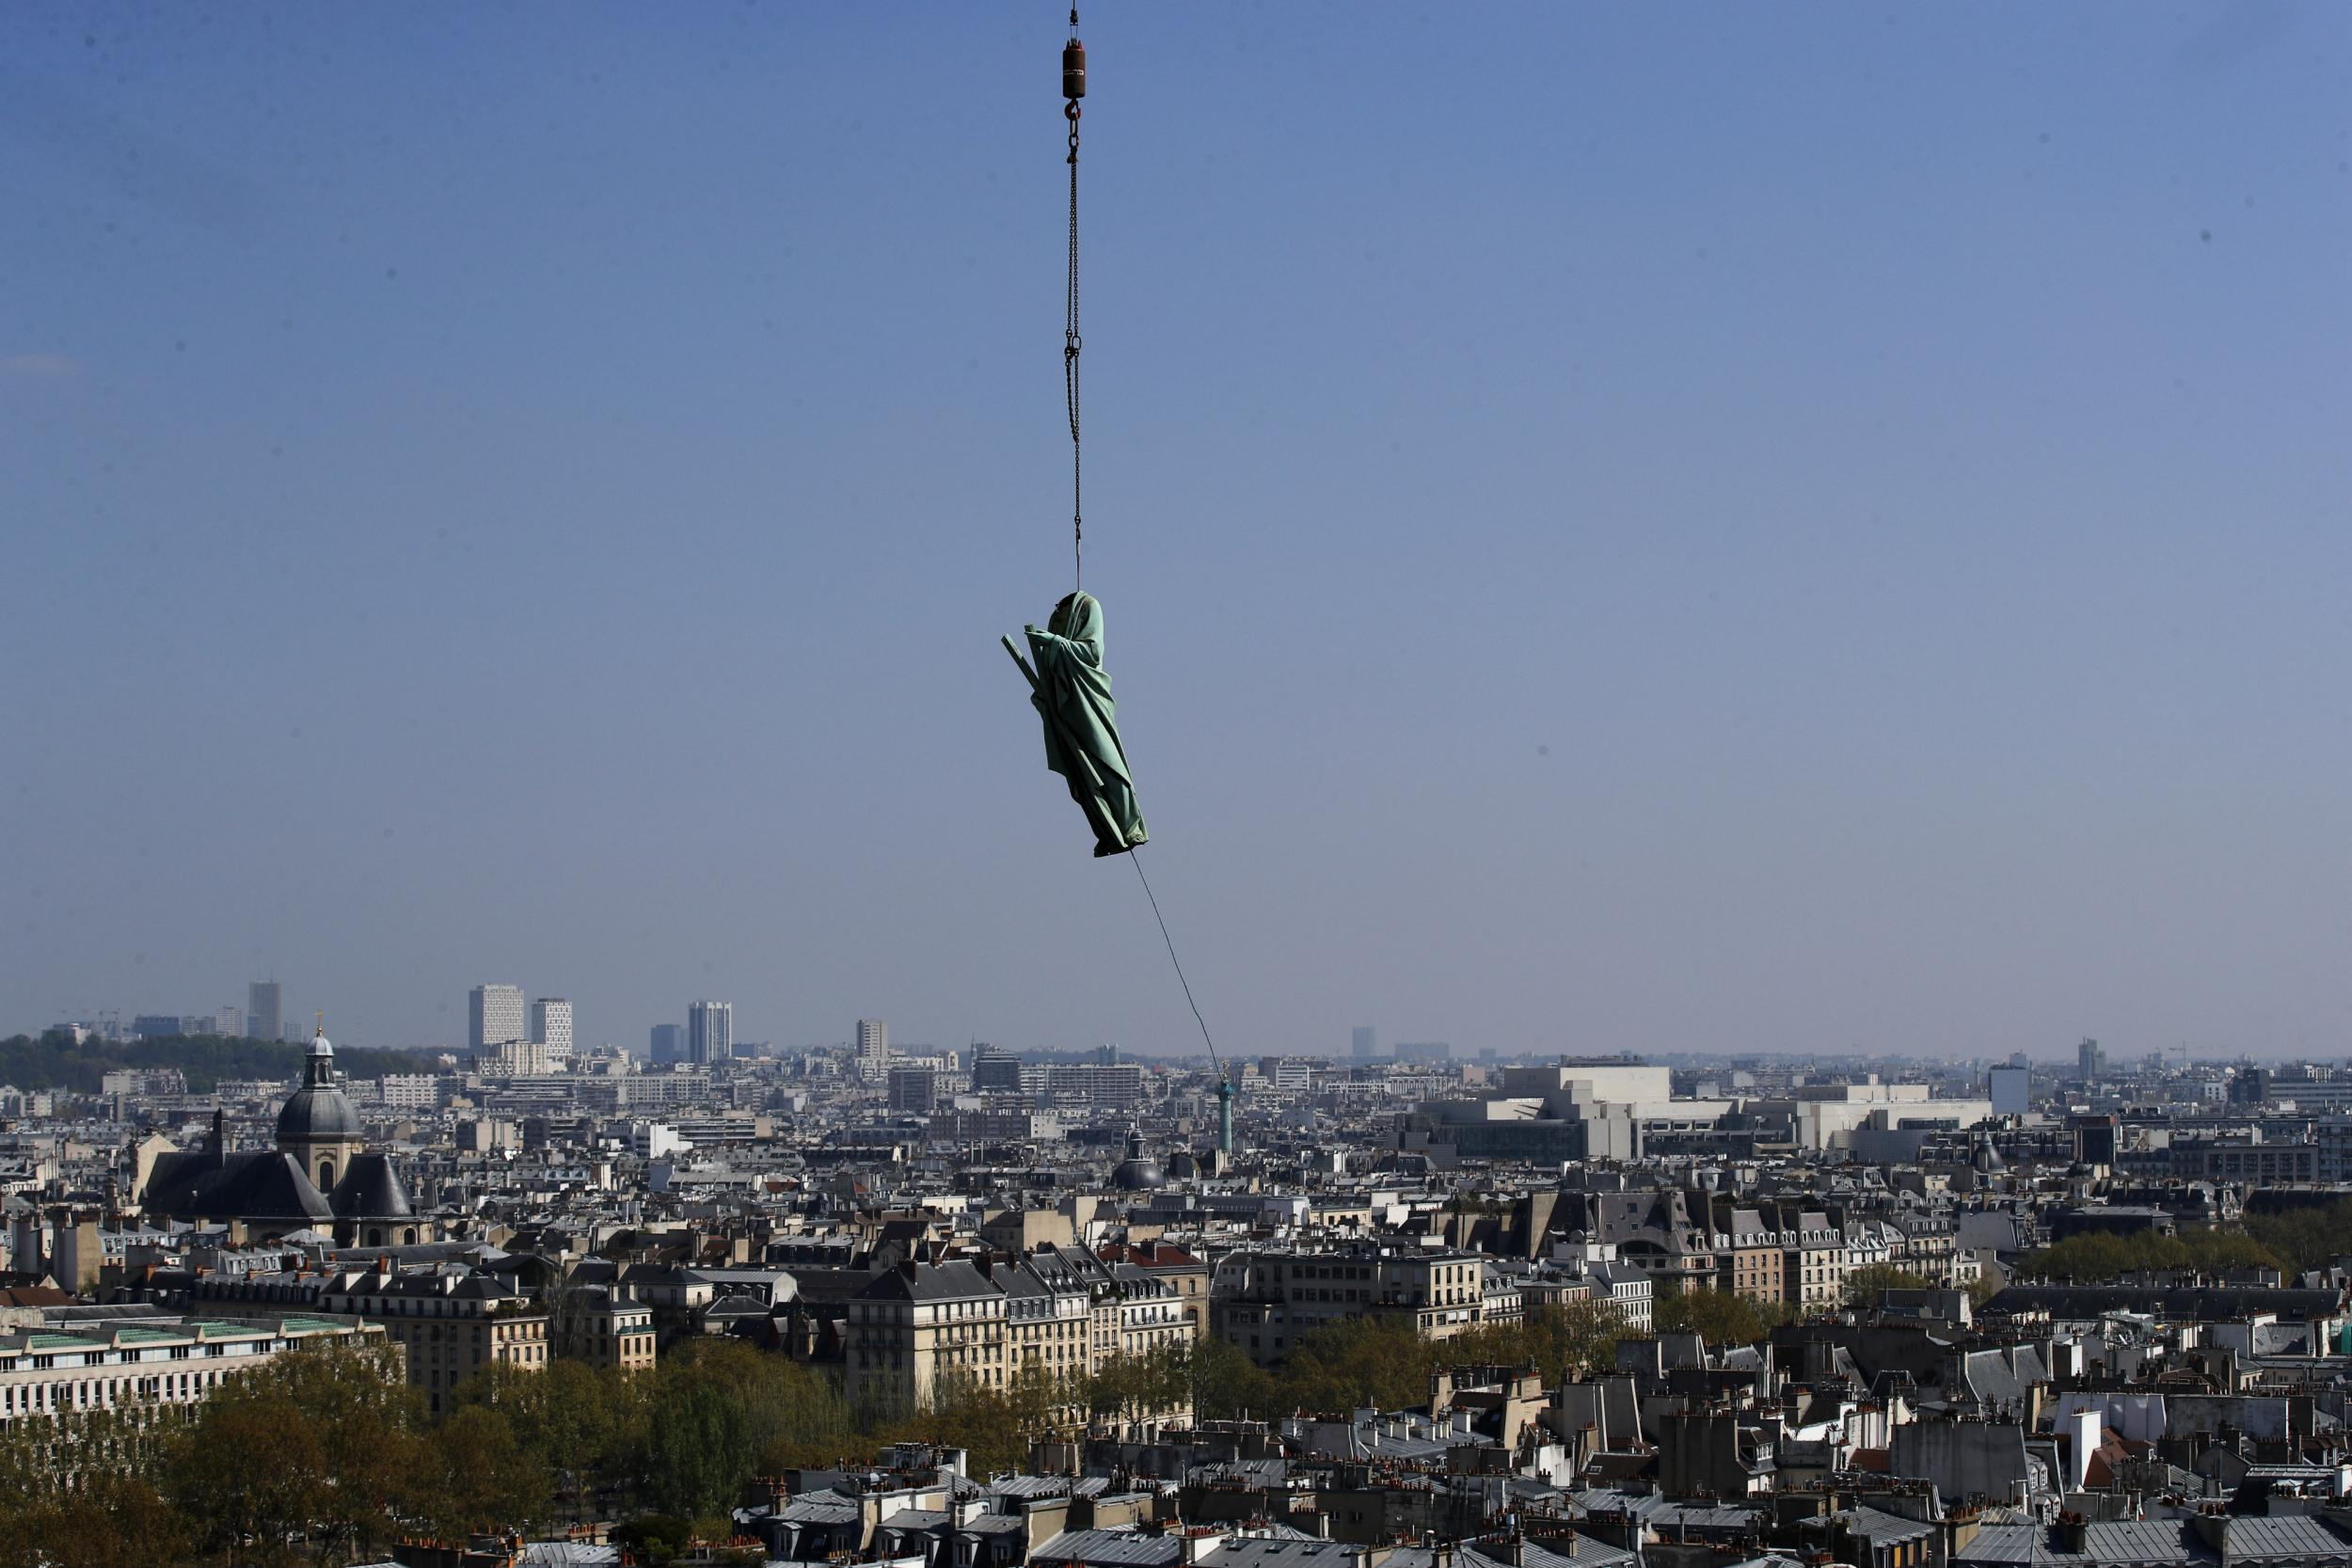 Image de l'une des statues de la flèche emportée jeudi dernier pour restauration, image via The Independent